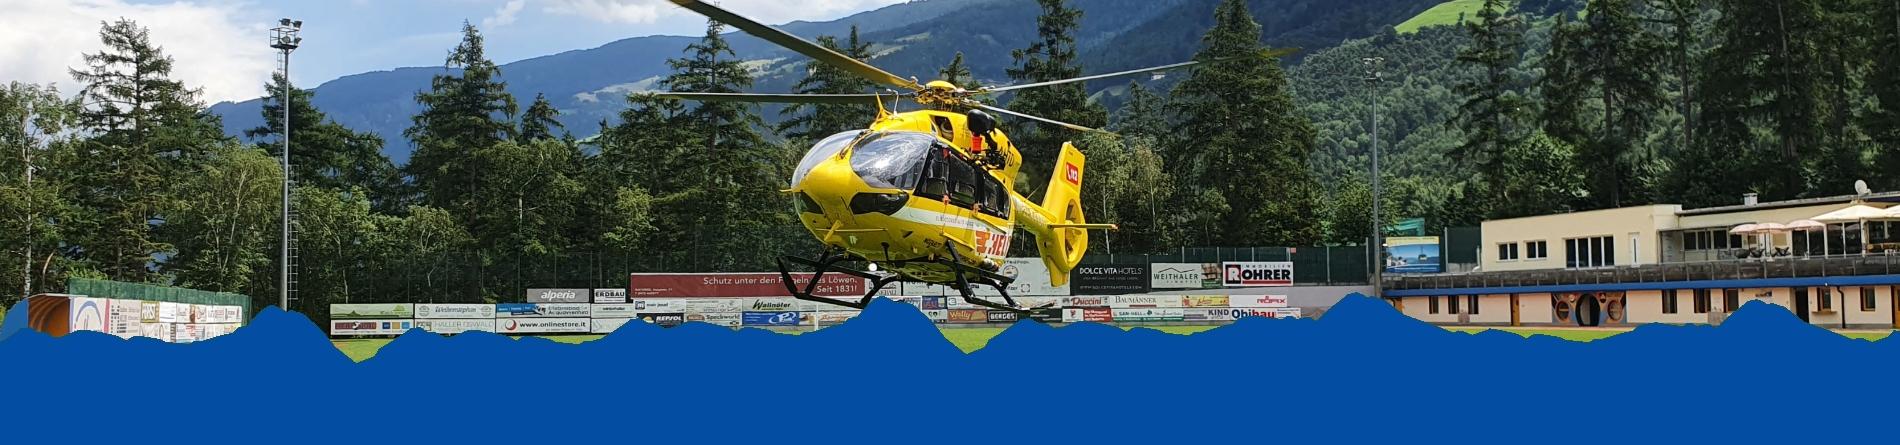 30.06.2021 – Einsatz Klettersteig Hoachwool